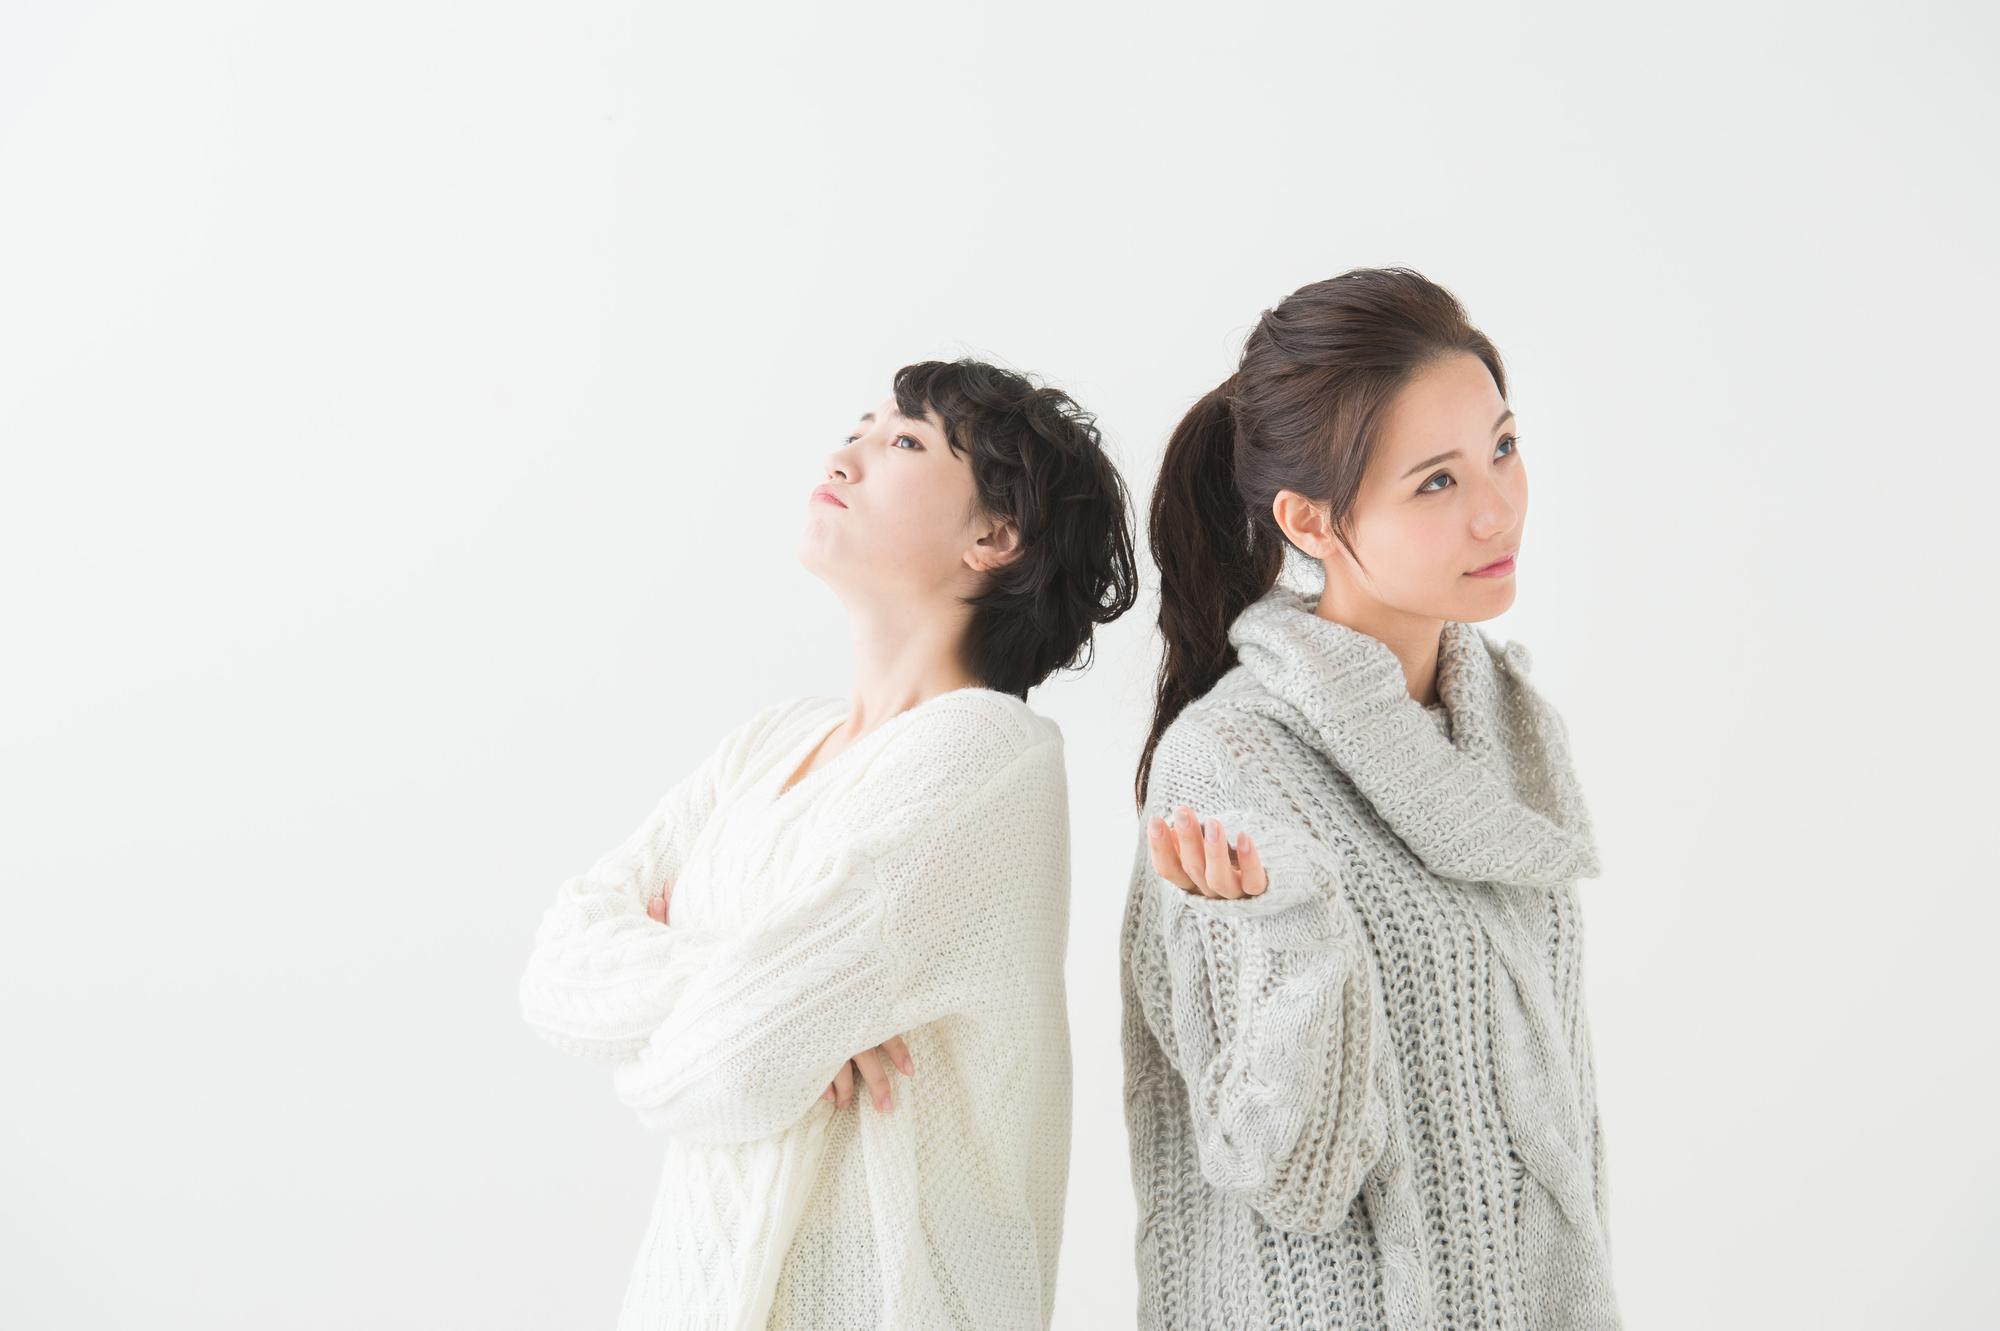 美容師の人間関係は良い?悪い?|サロンの実態とお悩み解決のヒントを先輩にインタビュー